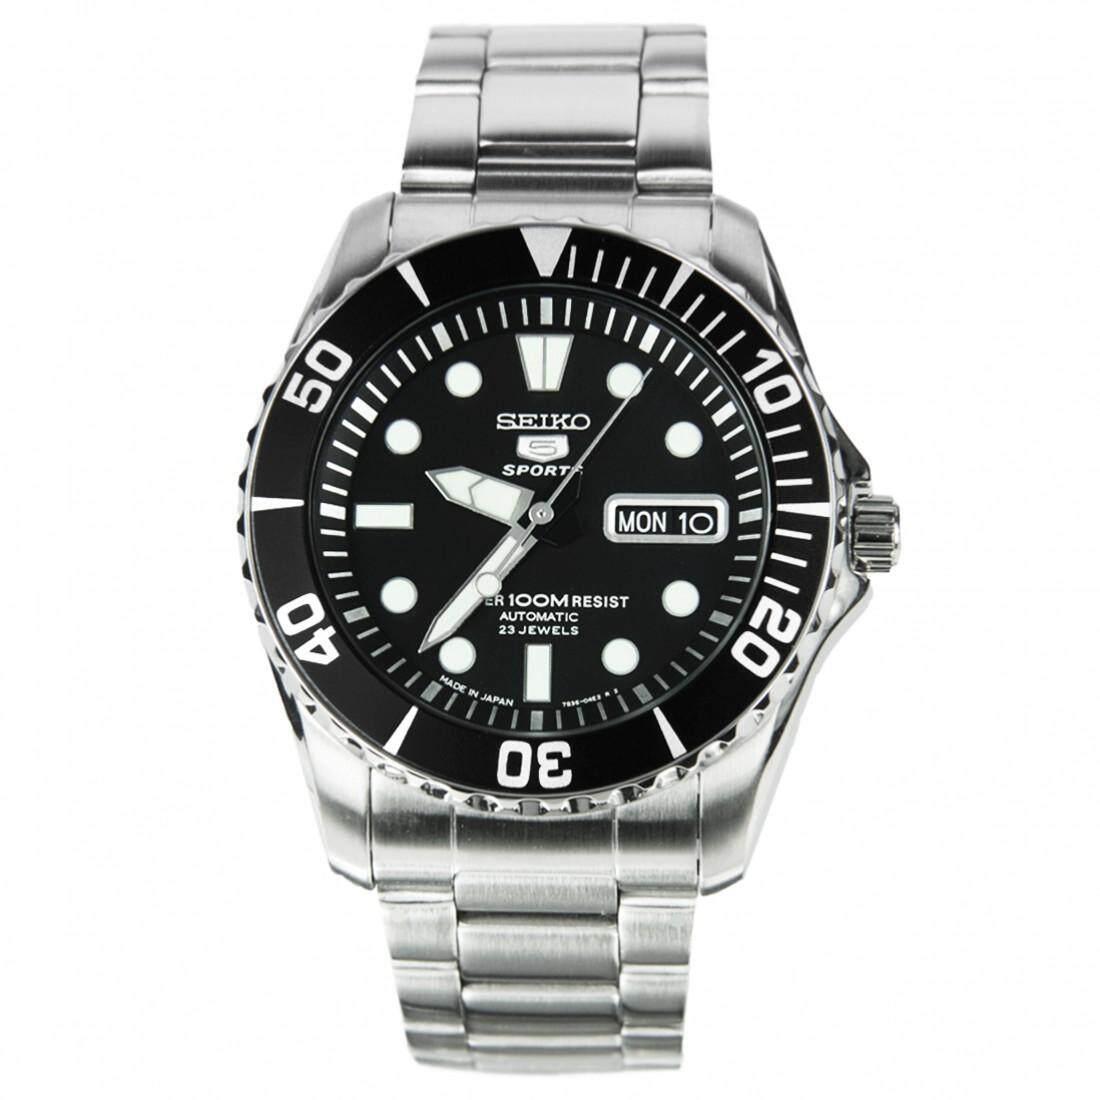 การใช้งาน  ระยอง Karnvera Shop Seiko  นาฬิกาข้อมือชาย SNZF17J1 5 Sports Automatic Stainless Steel Watch